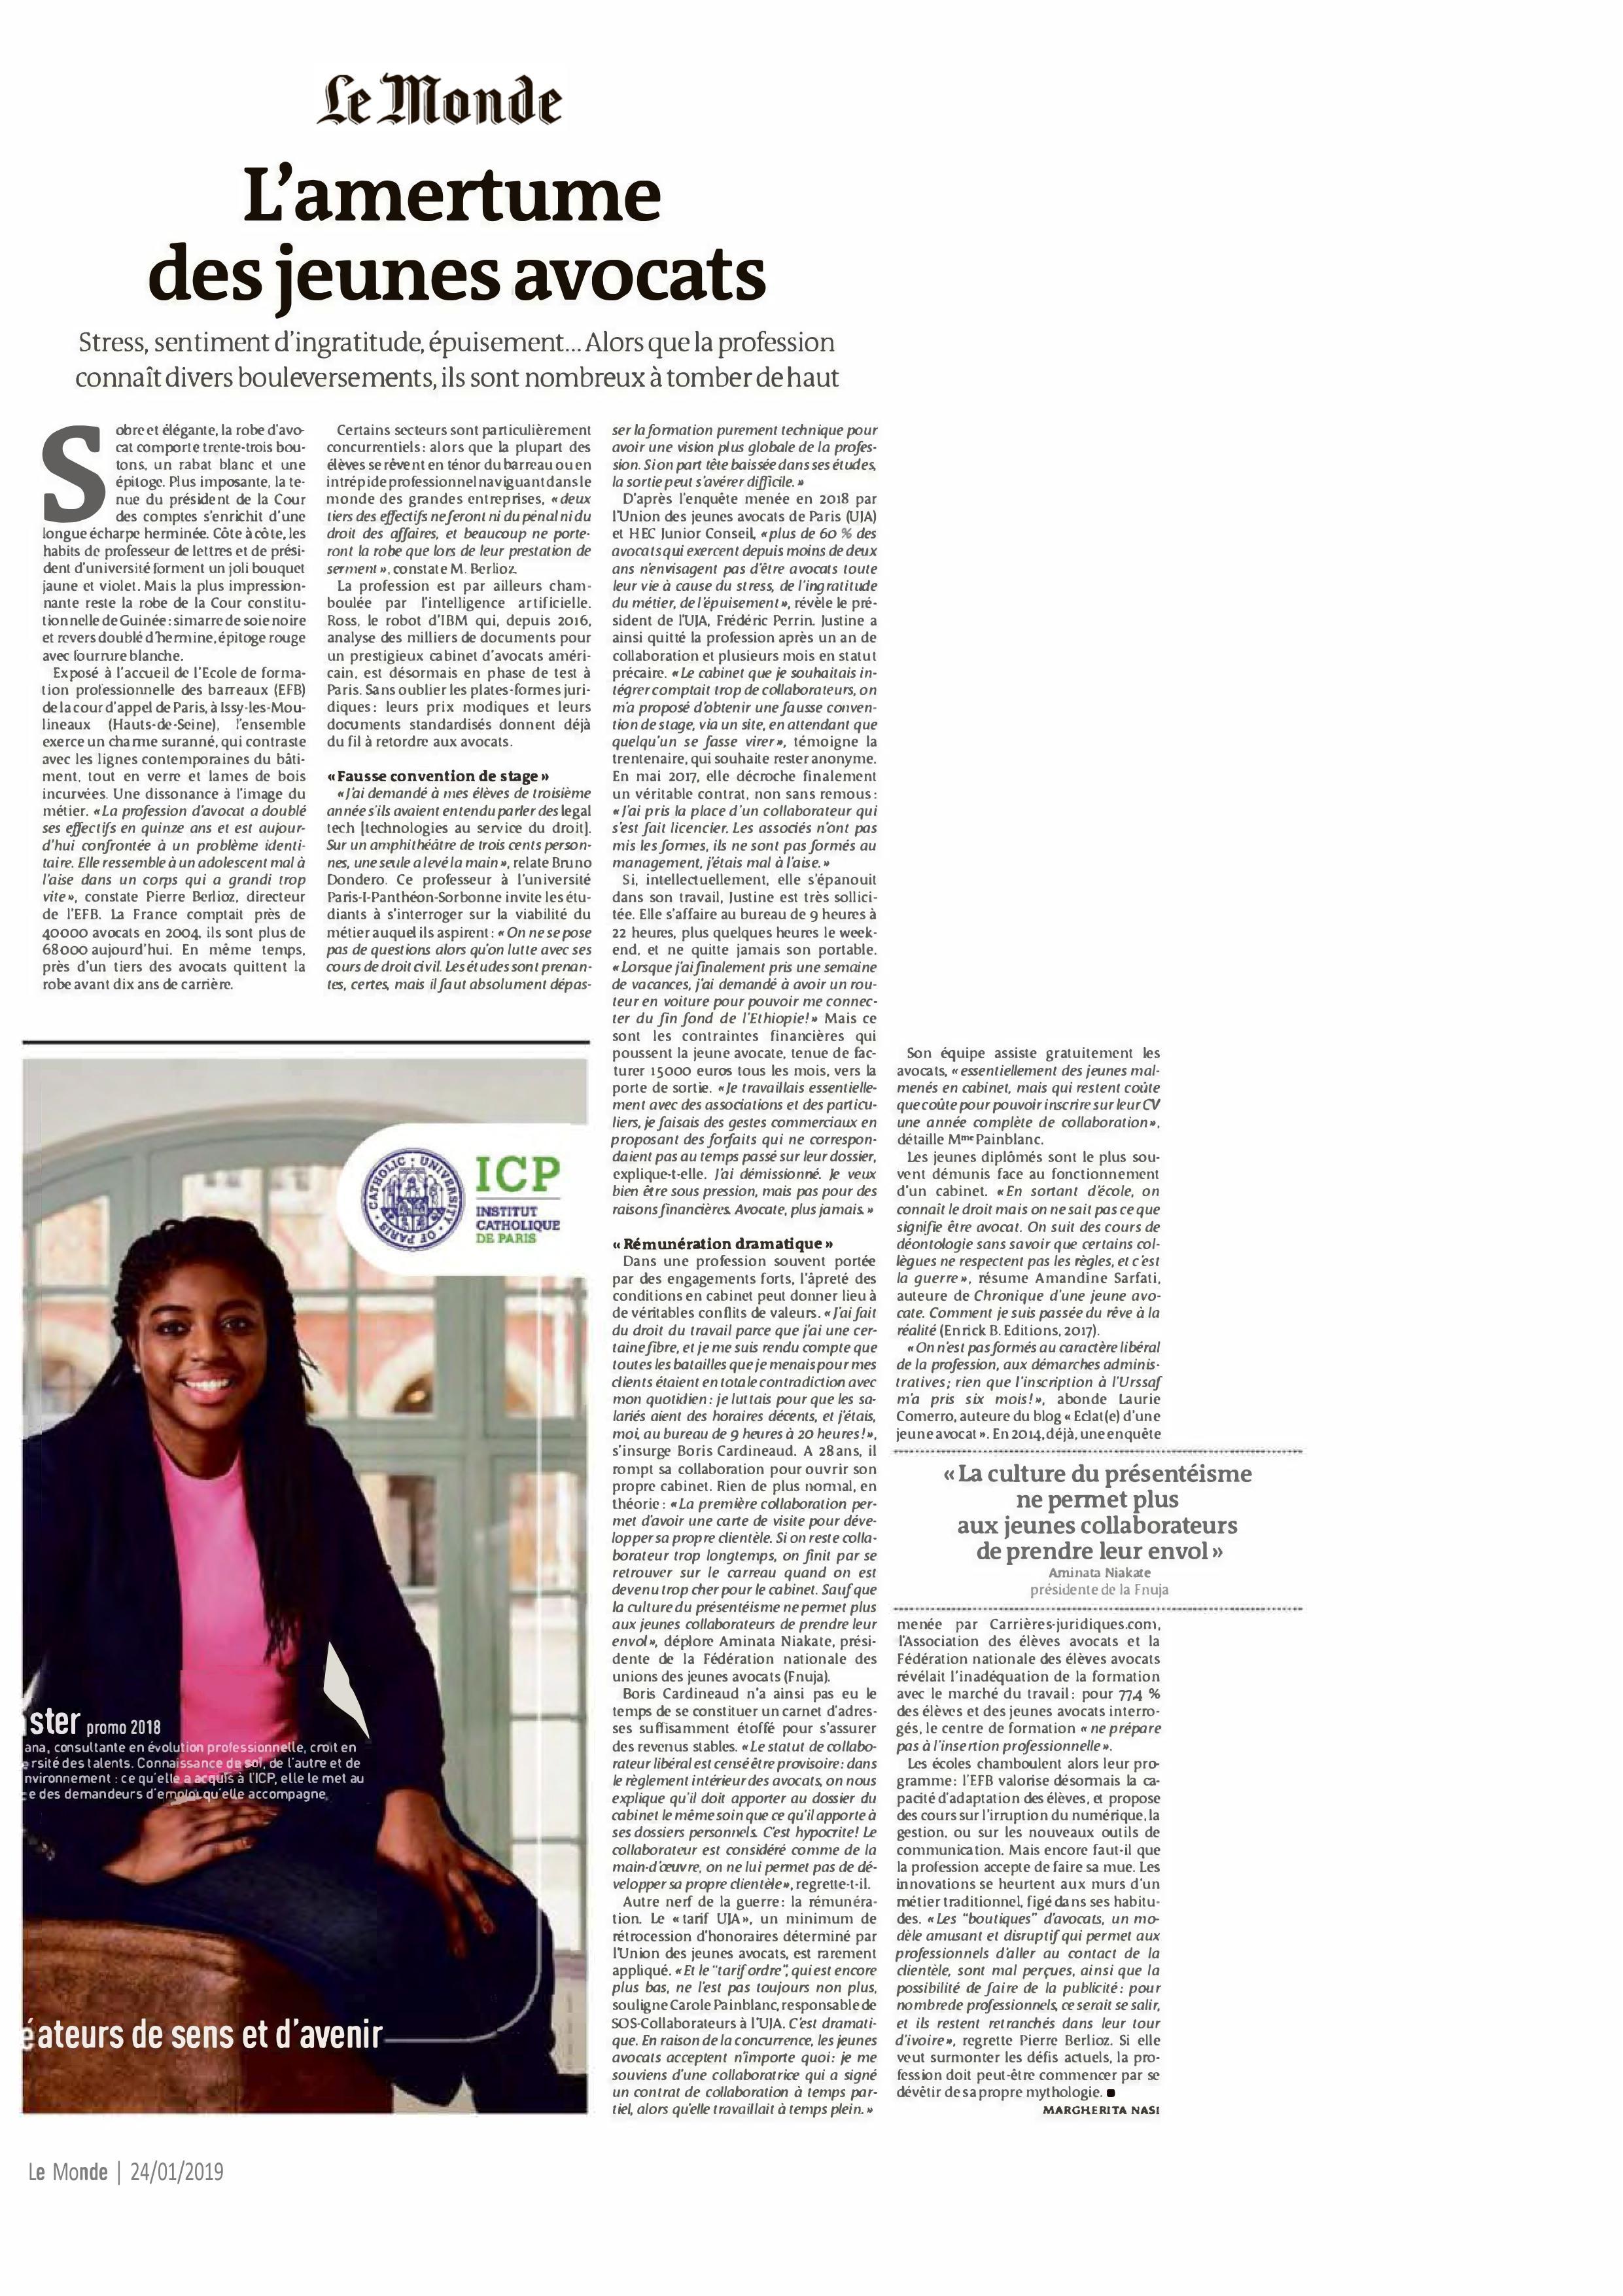 L'amertume des jeunes avocats - Le Monde - Jeudi 24 janvier 2019